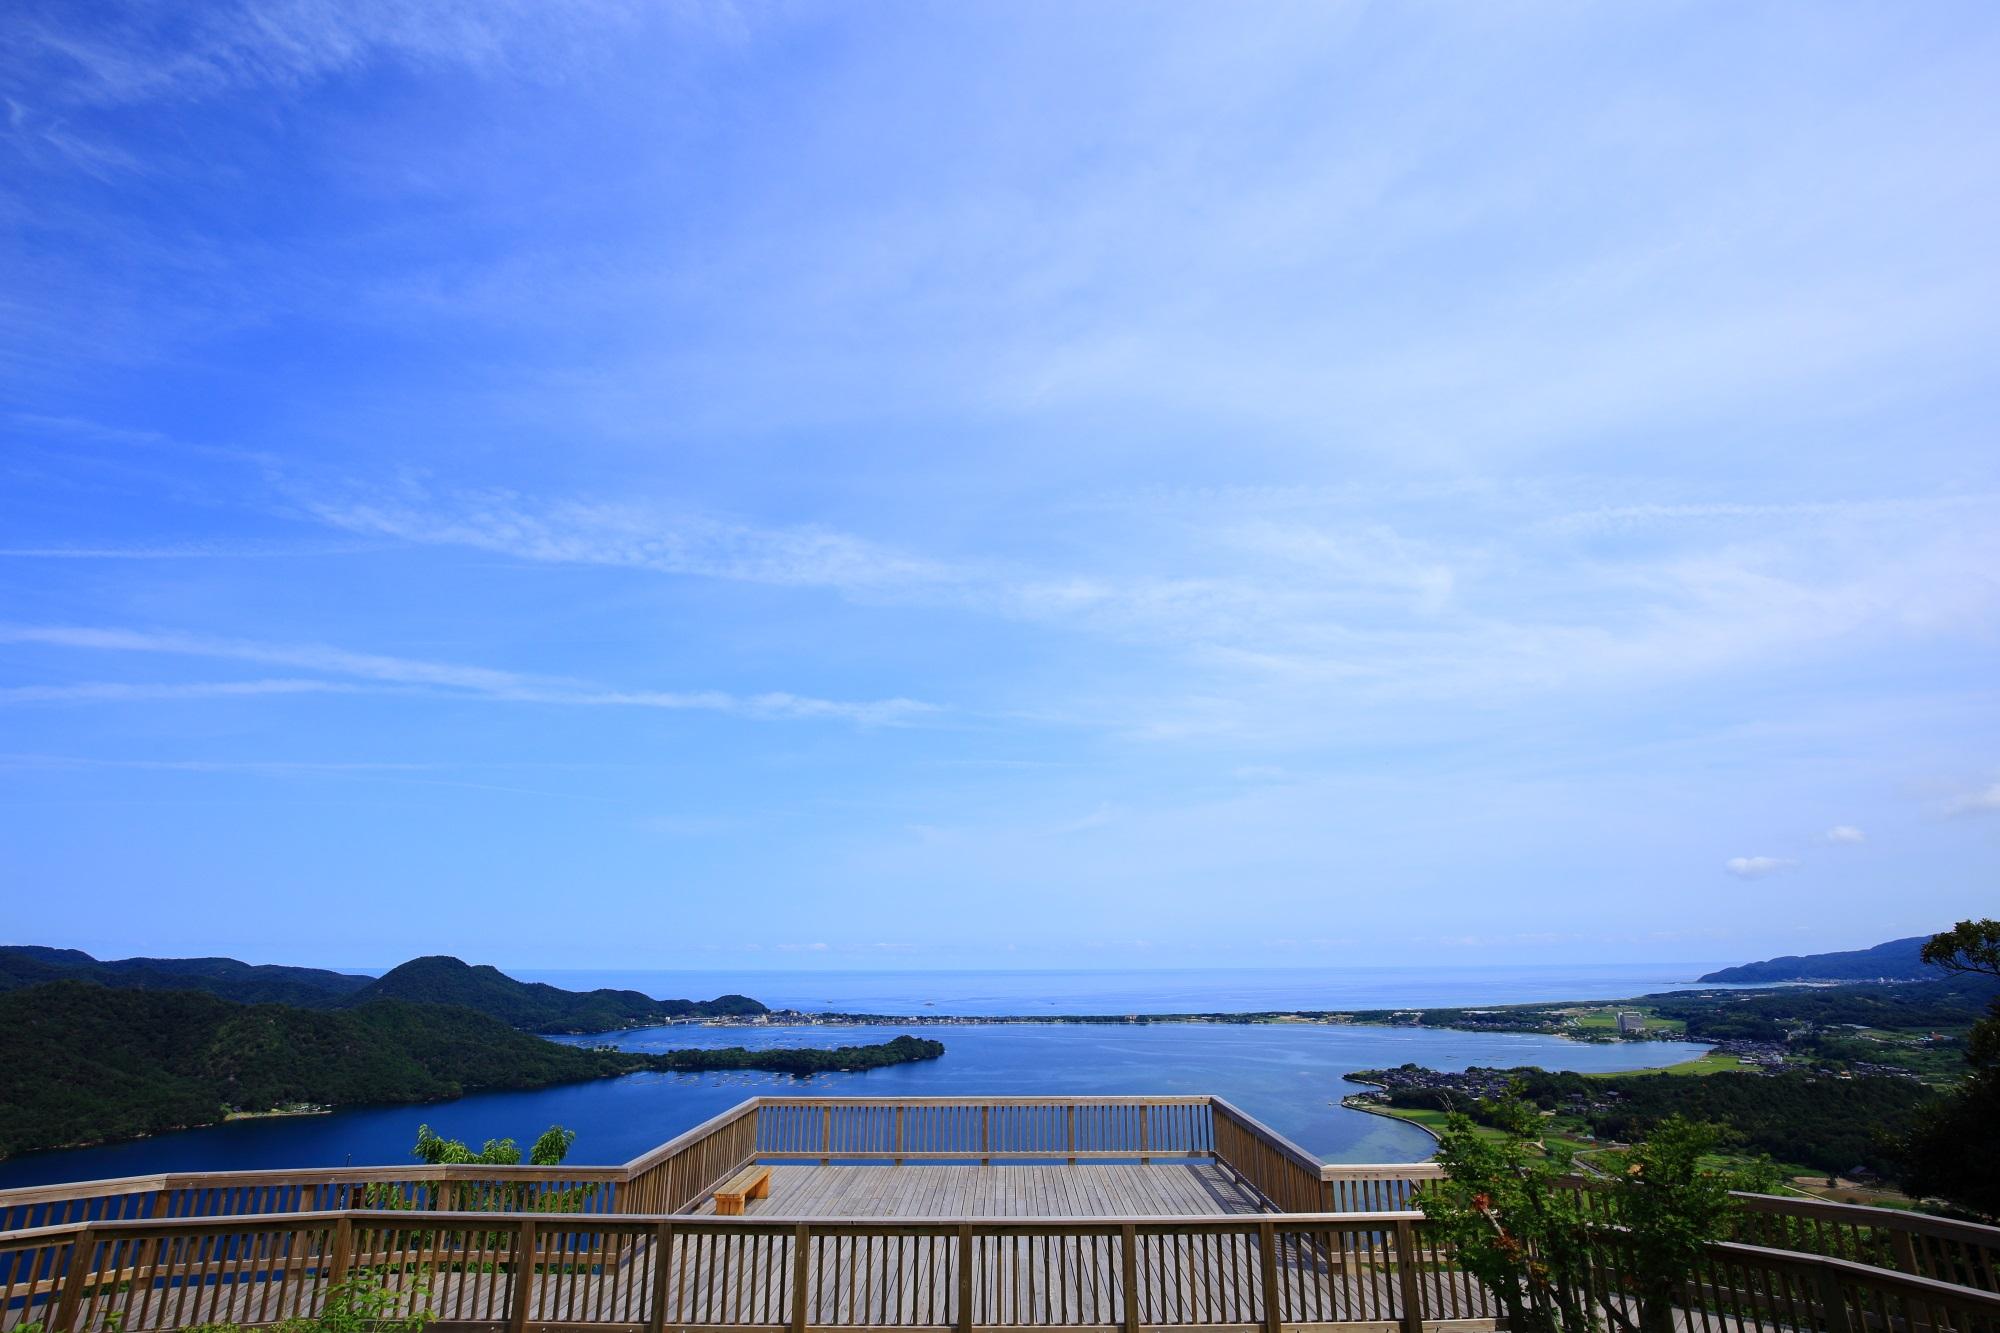 かぶと山展望台と久美浜湾の絶景